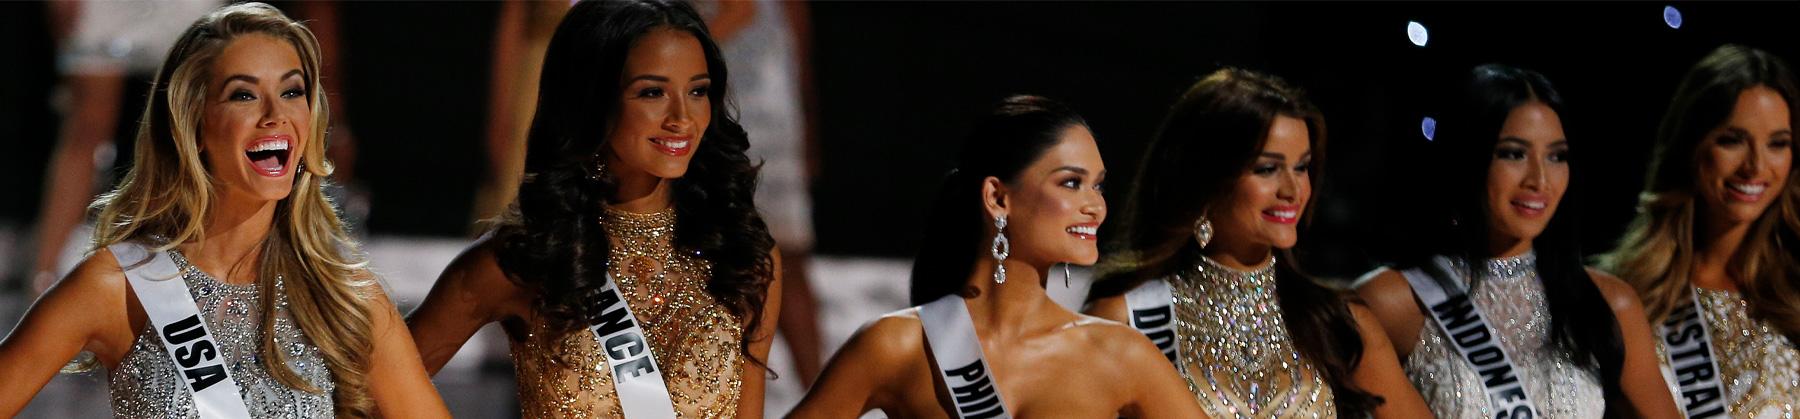 Las candidatas del Miss Universo